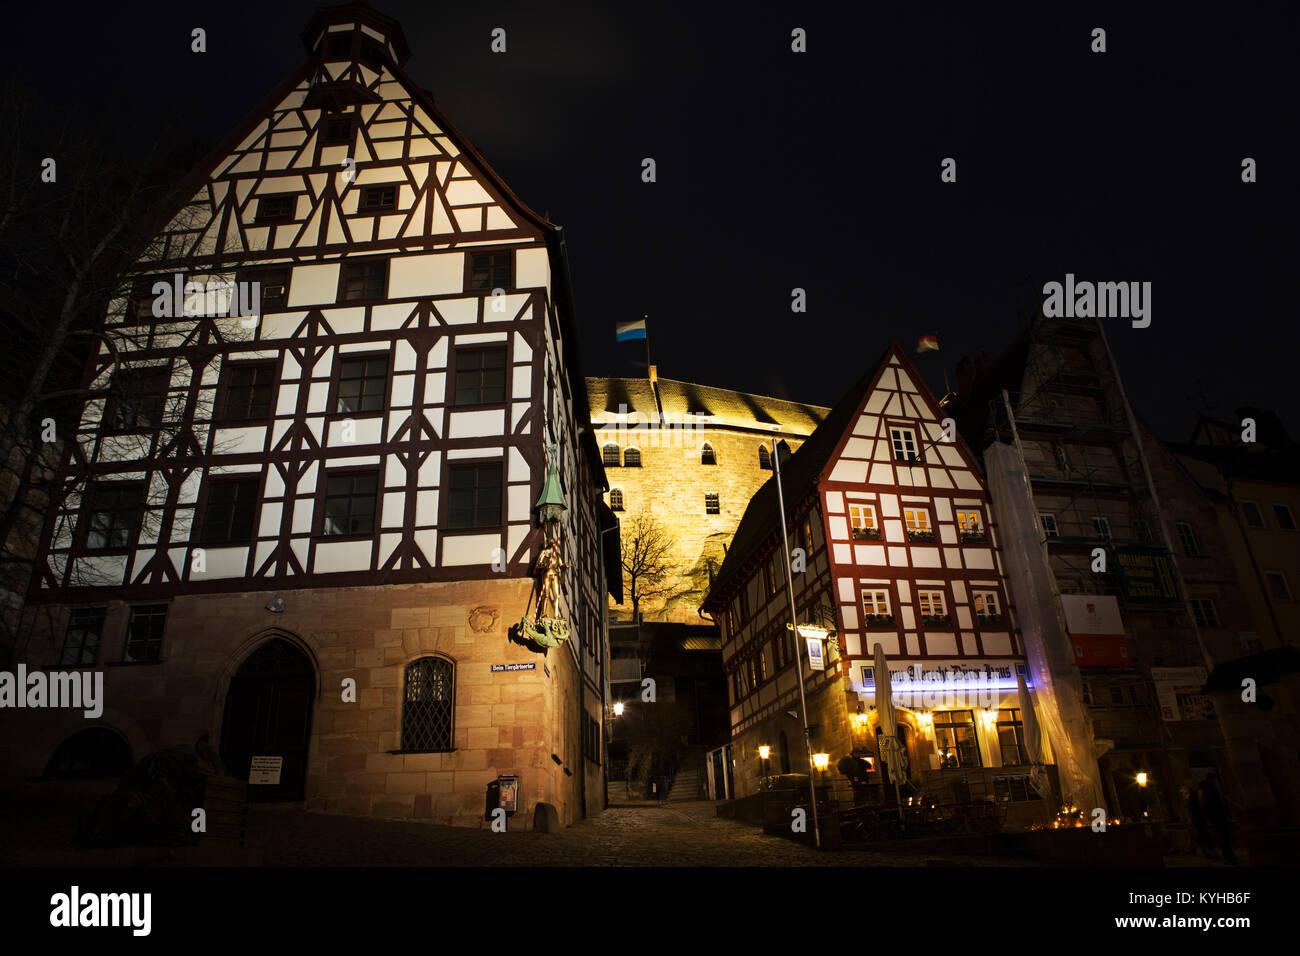 Fachwerkhäuser in der Nacht in Nuermberg, Deutschland. Das Fachwerkhaus auf der rechten Seite der Bilder war Stockbild